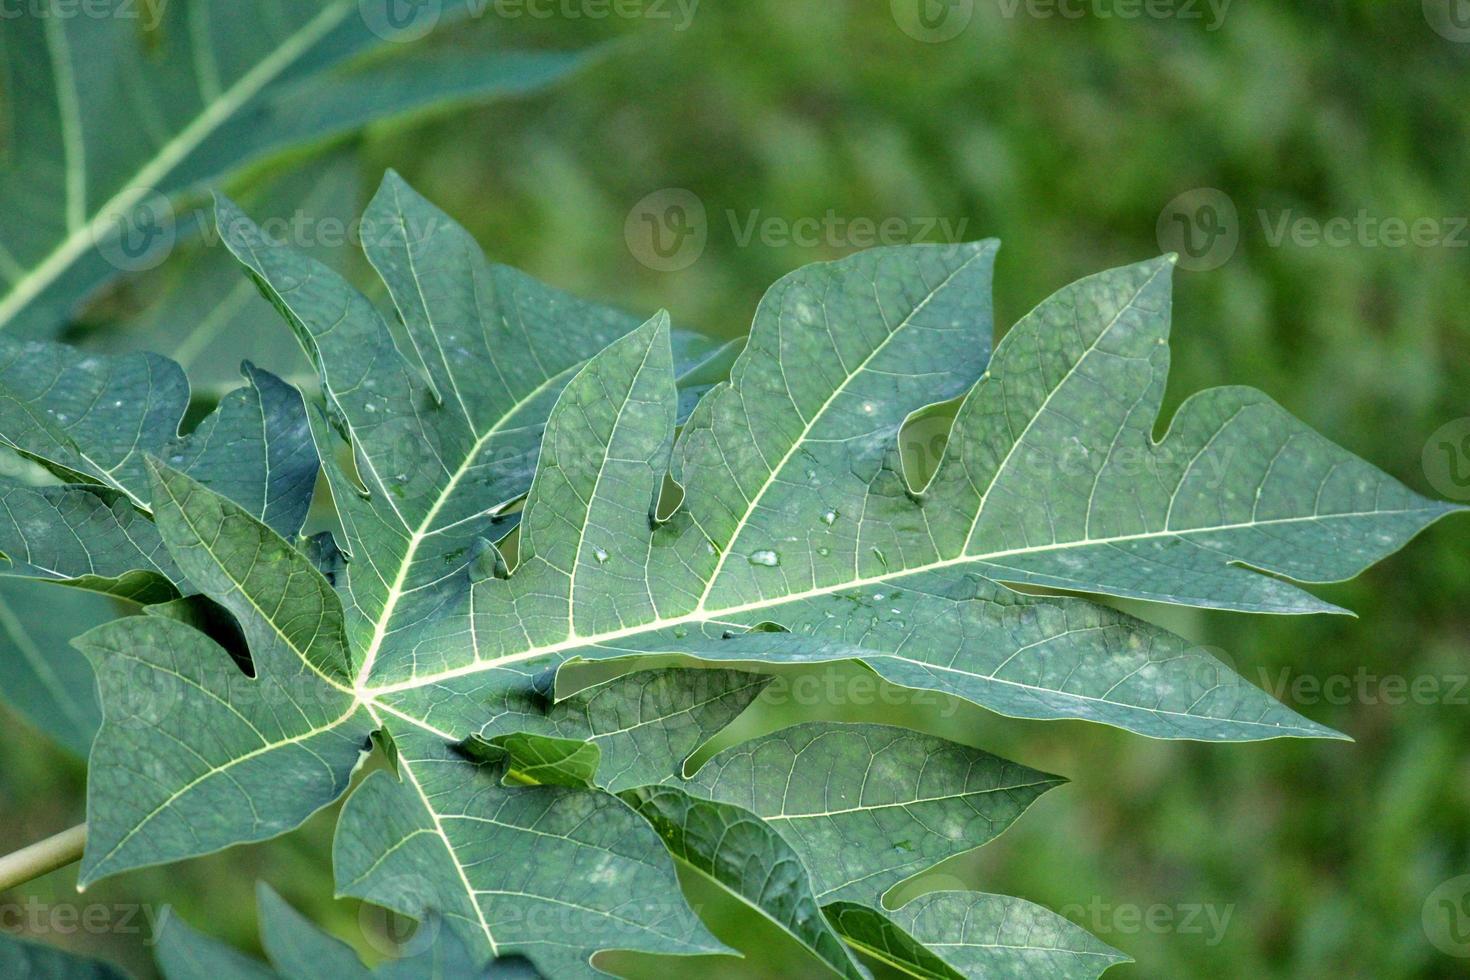 regndroppar på grönt blad foto